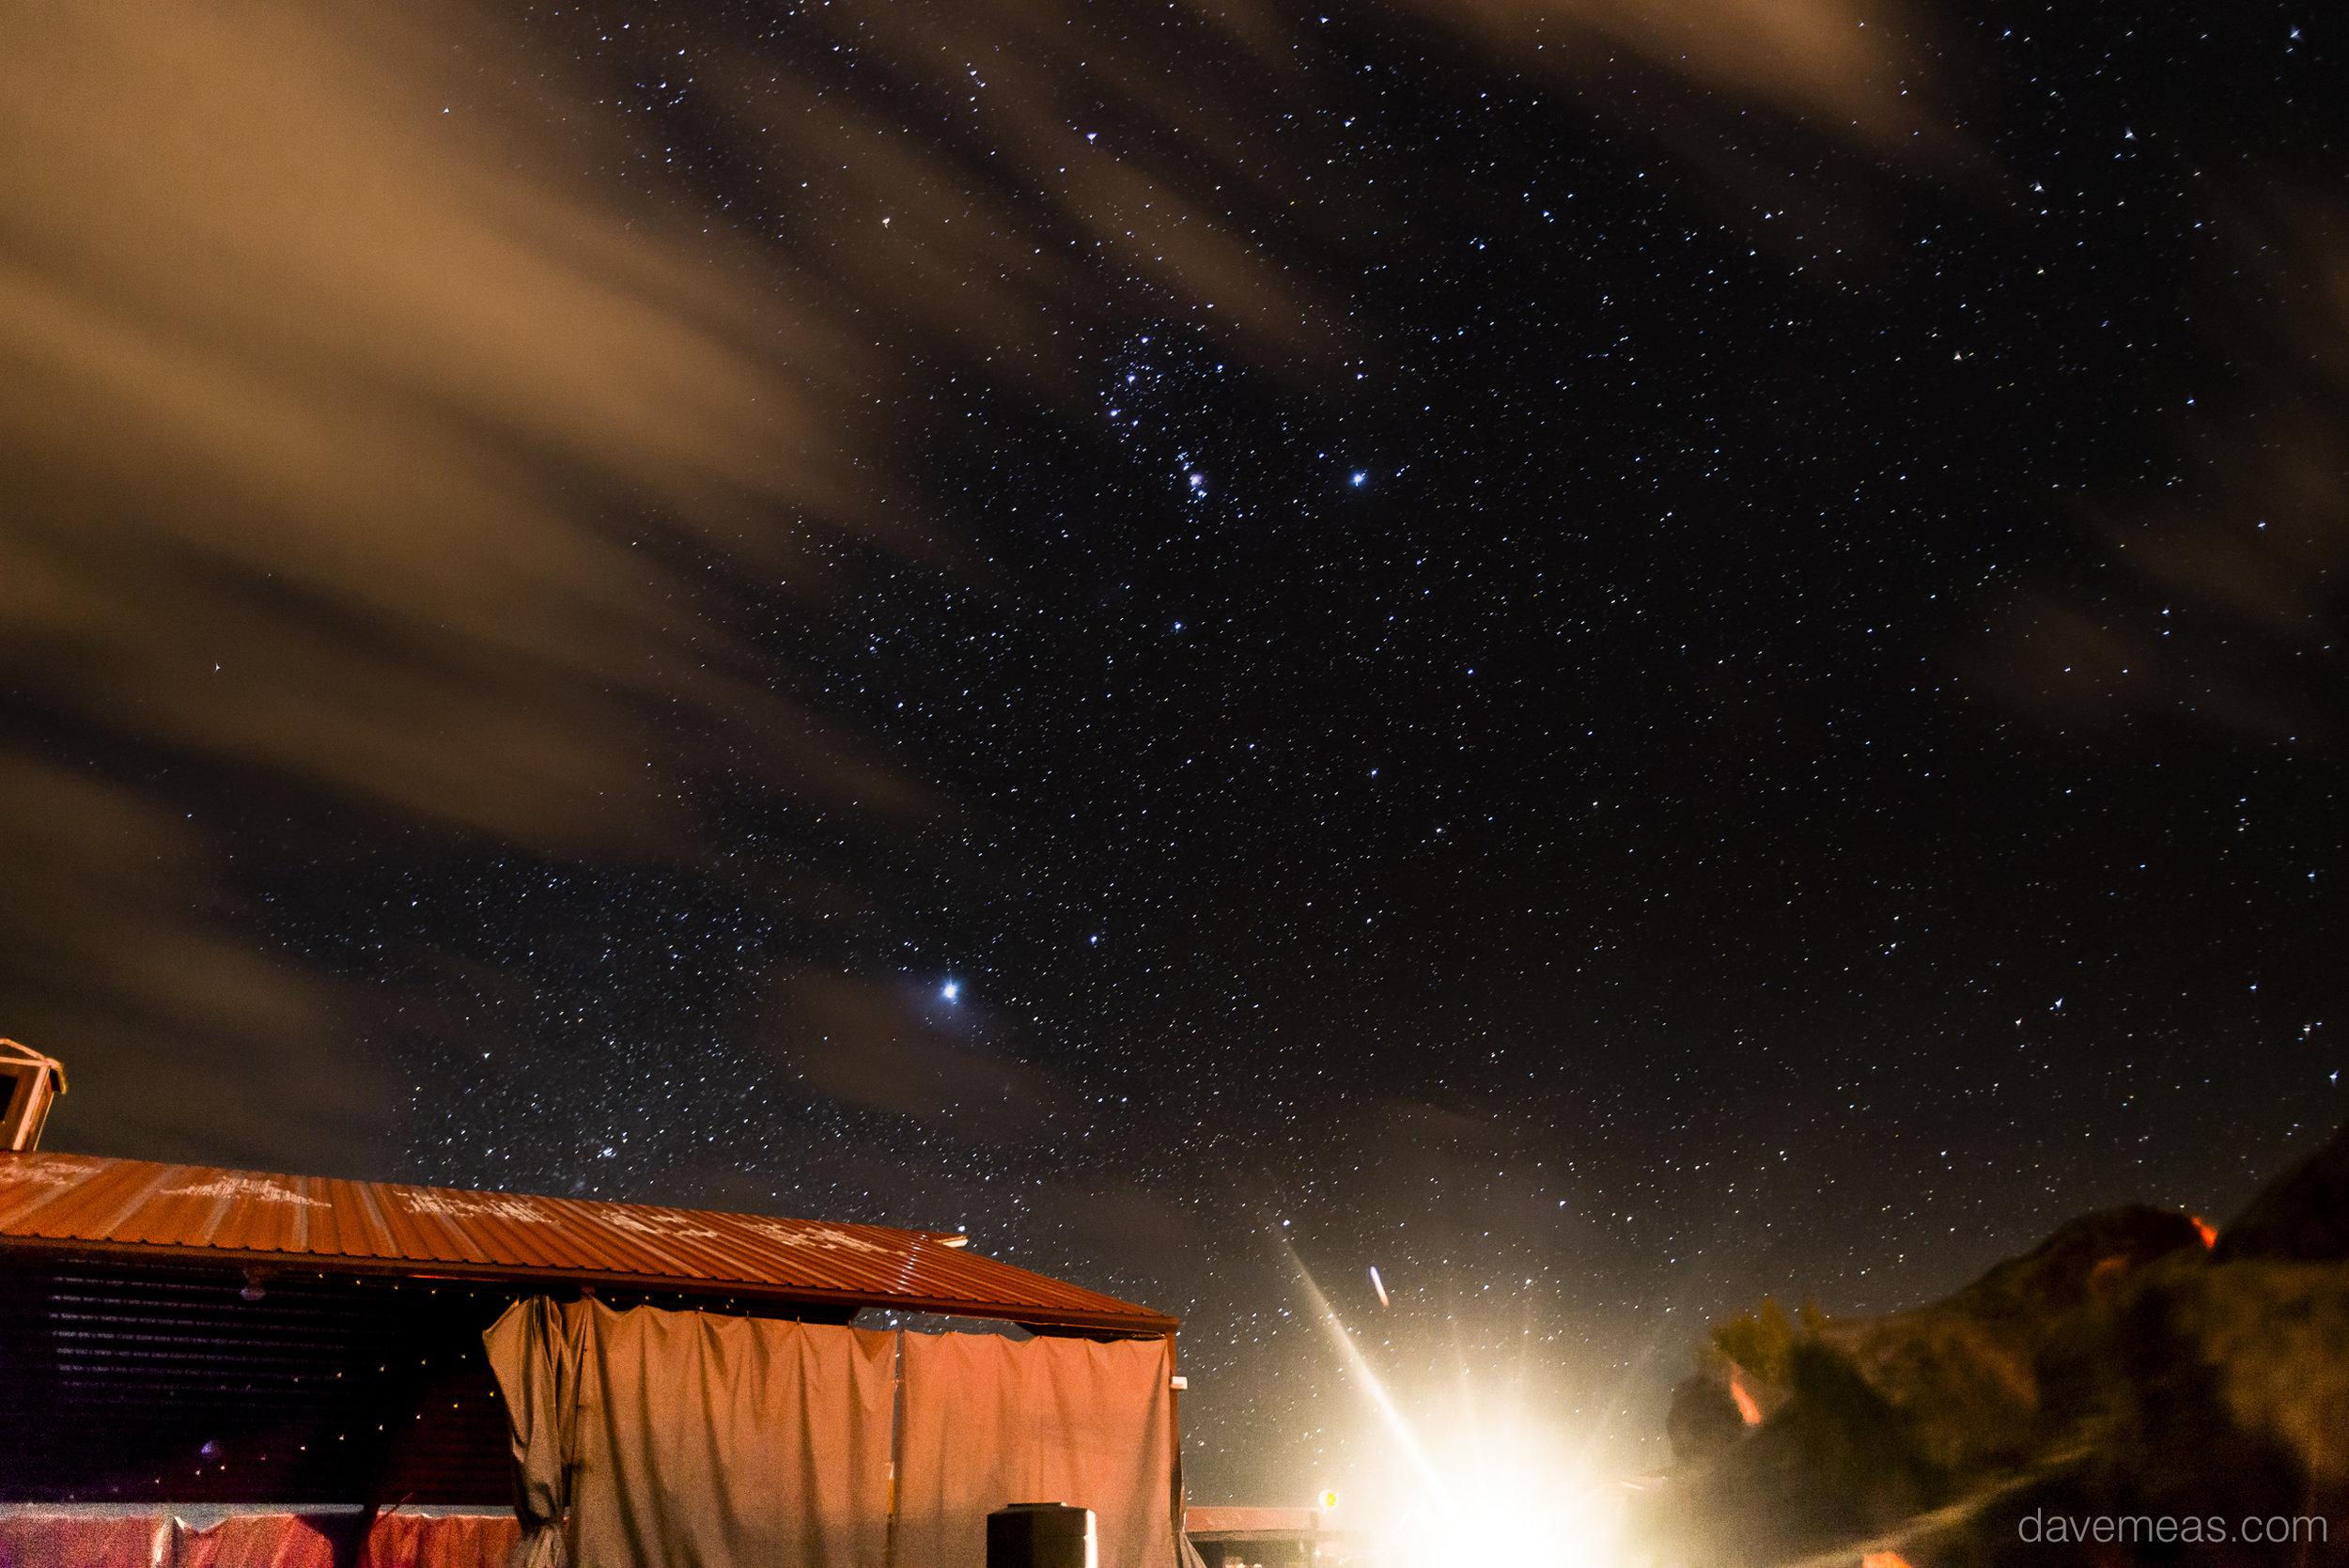 gunnison stars cass 10062018 7 of 14.jpg